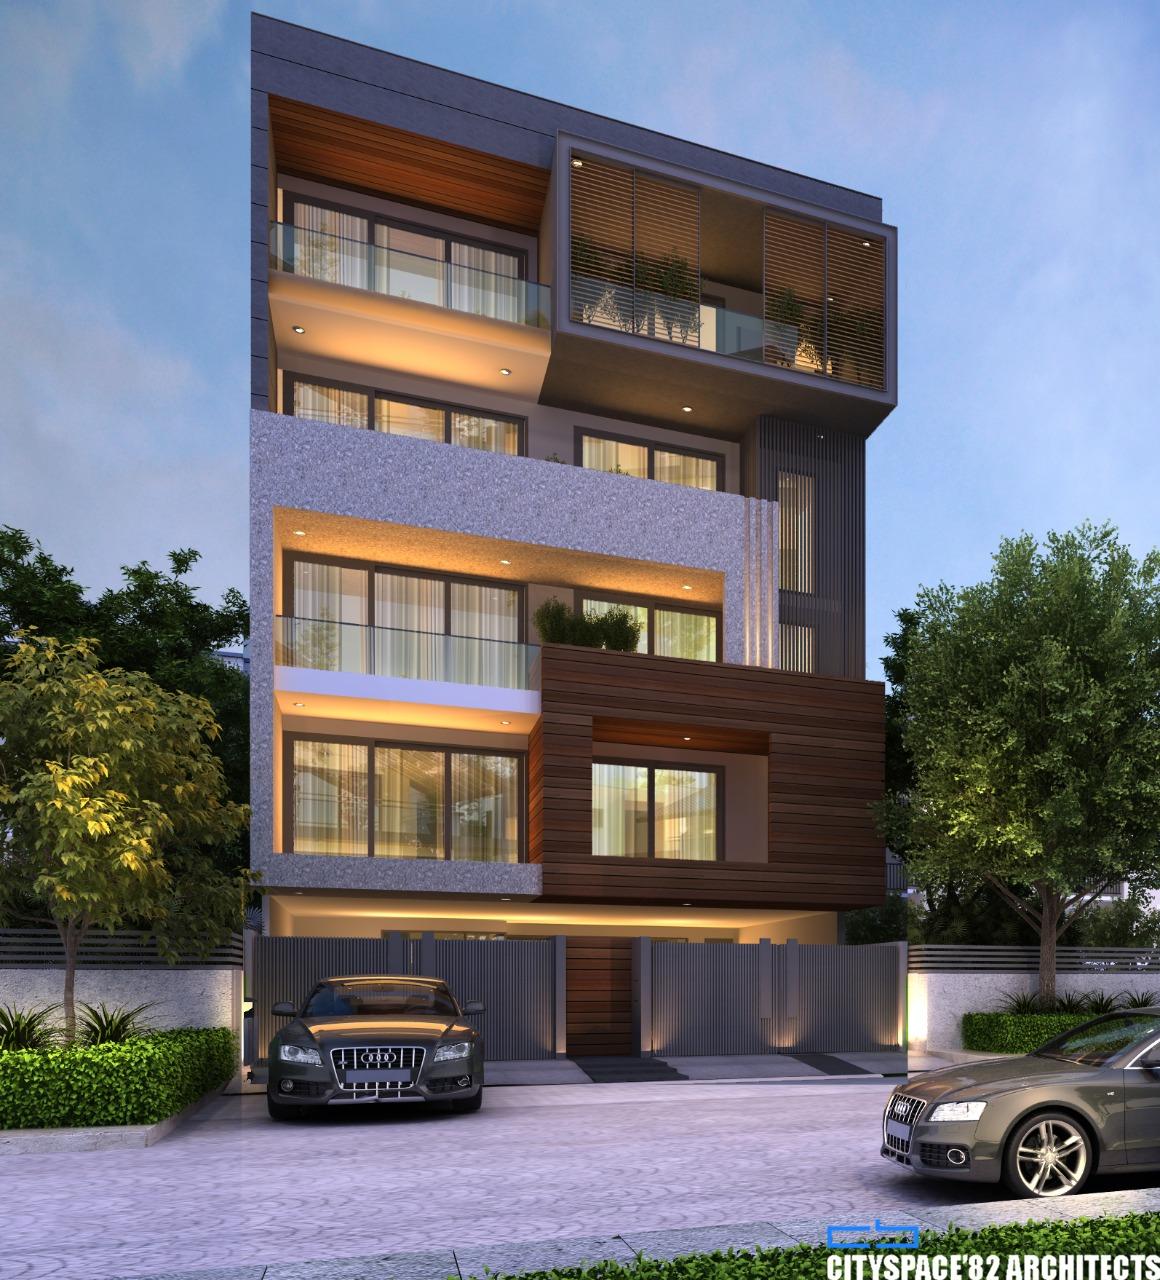 4 BHK Builder Floor in DLF Phase 1, Gurgaon